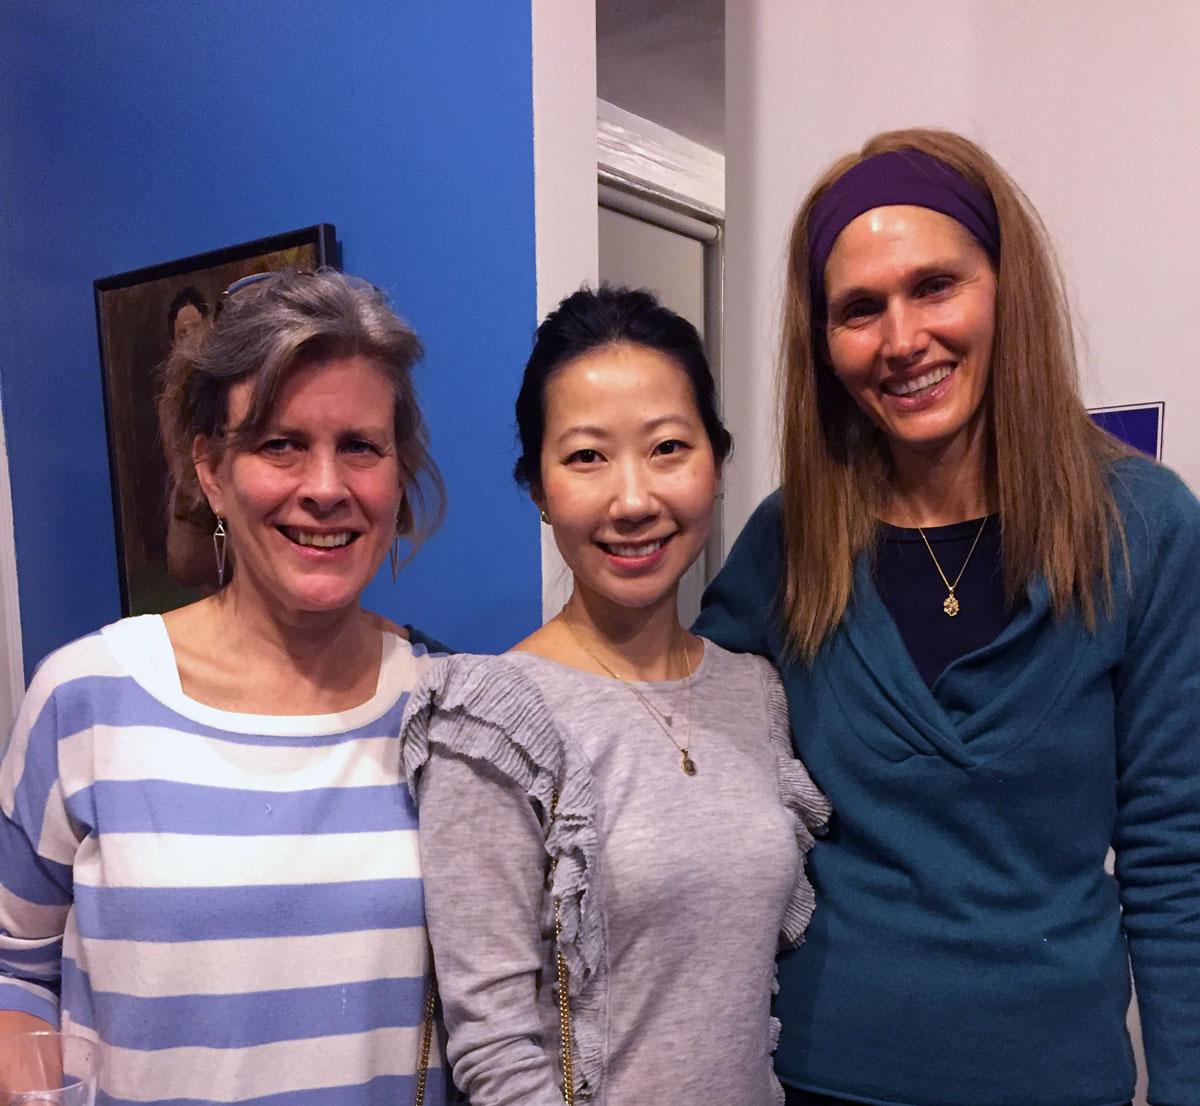 Amy, Liz and Carolan